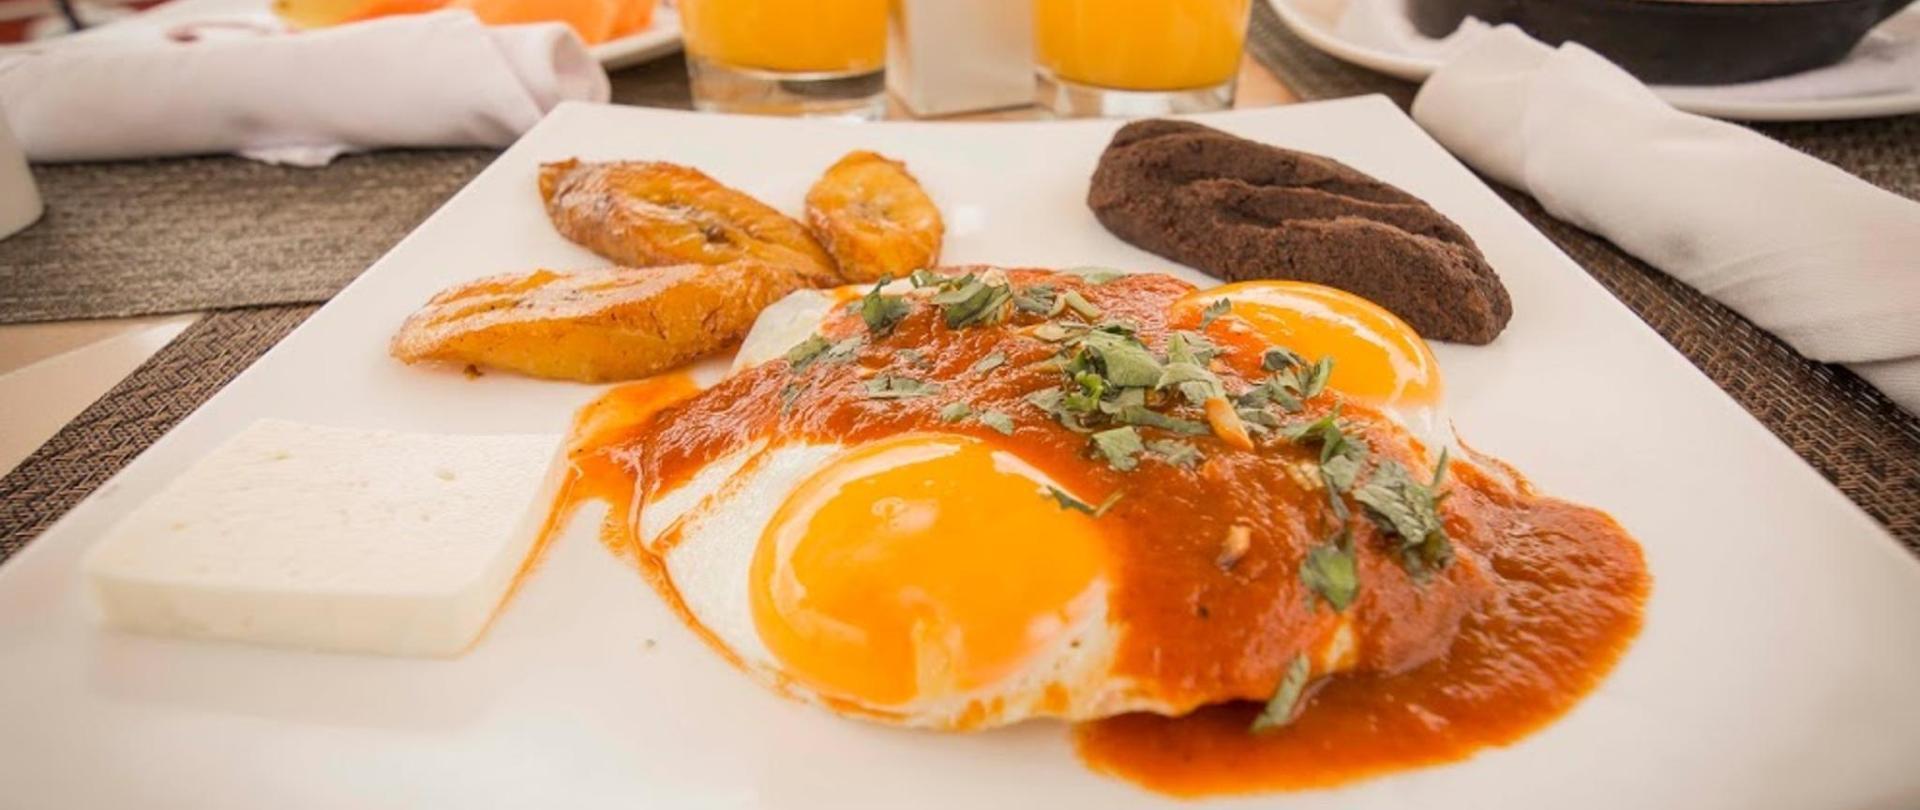 Desayuno Los Pasos.jpg